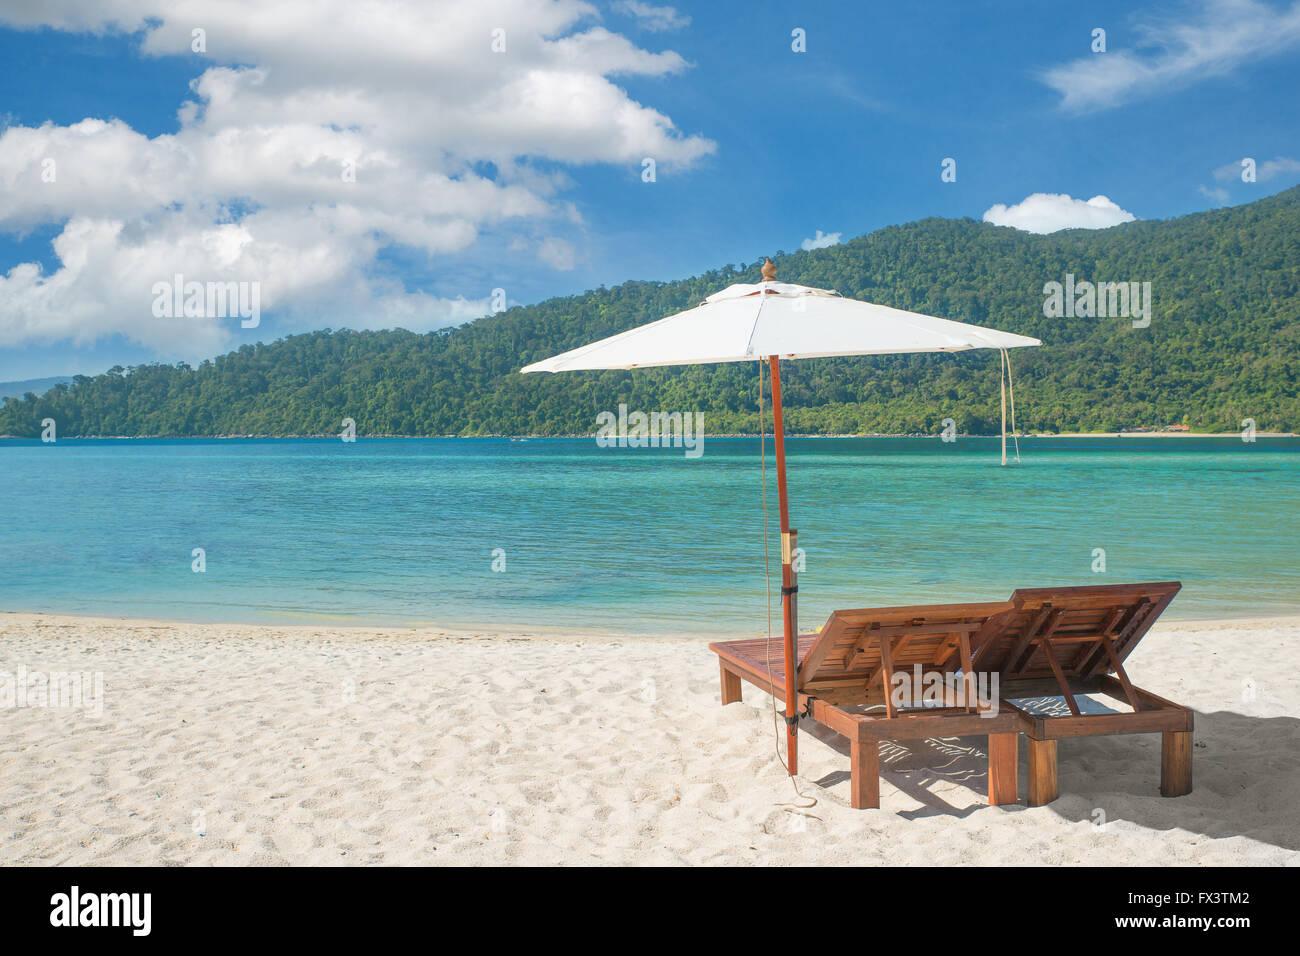 Sommer, Reisen, Urlaub und Ferien-Konzept - Liegestühle und Sonnenschirm am Insel Phuket, Thailand Stockbild